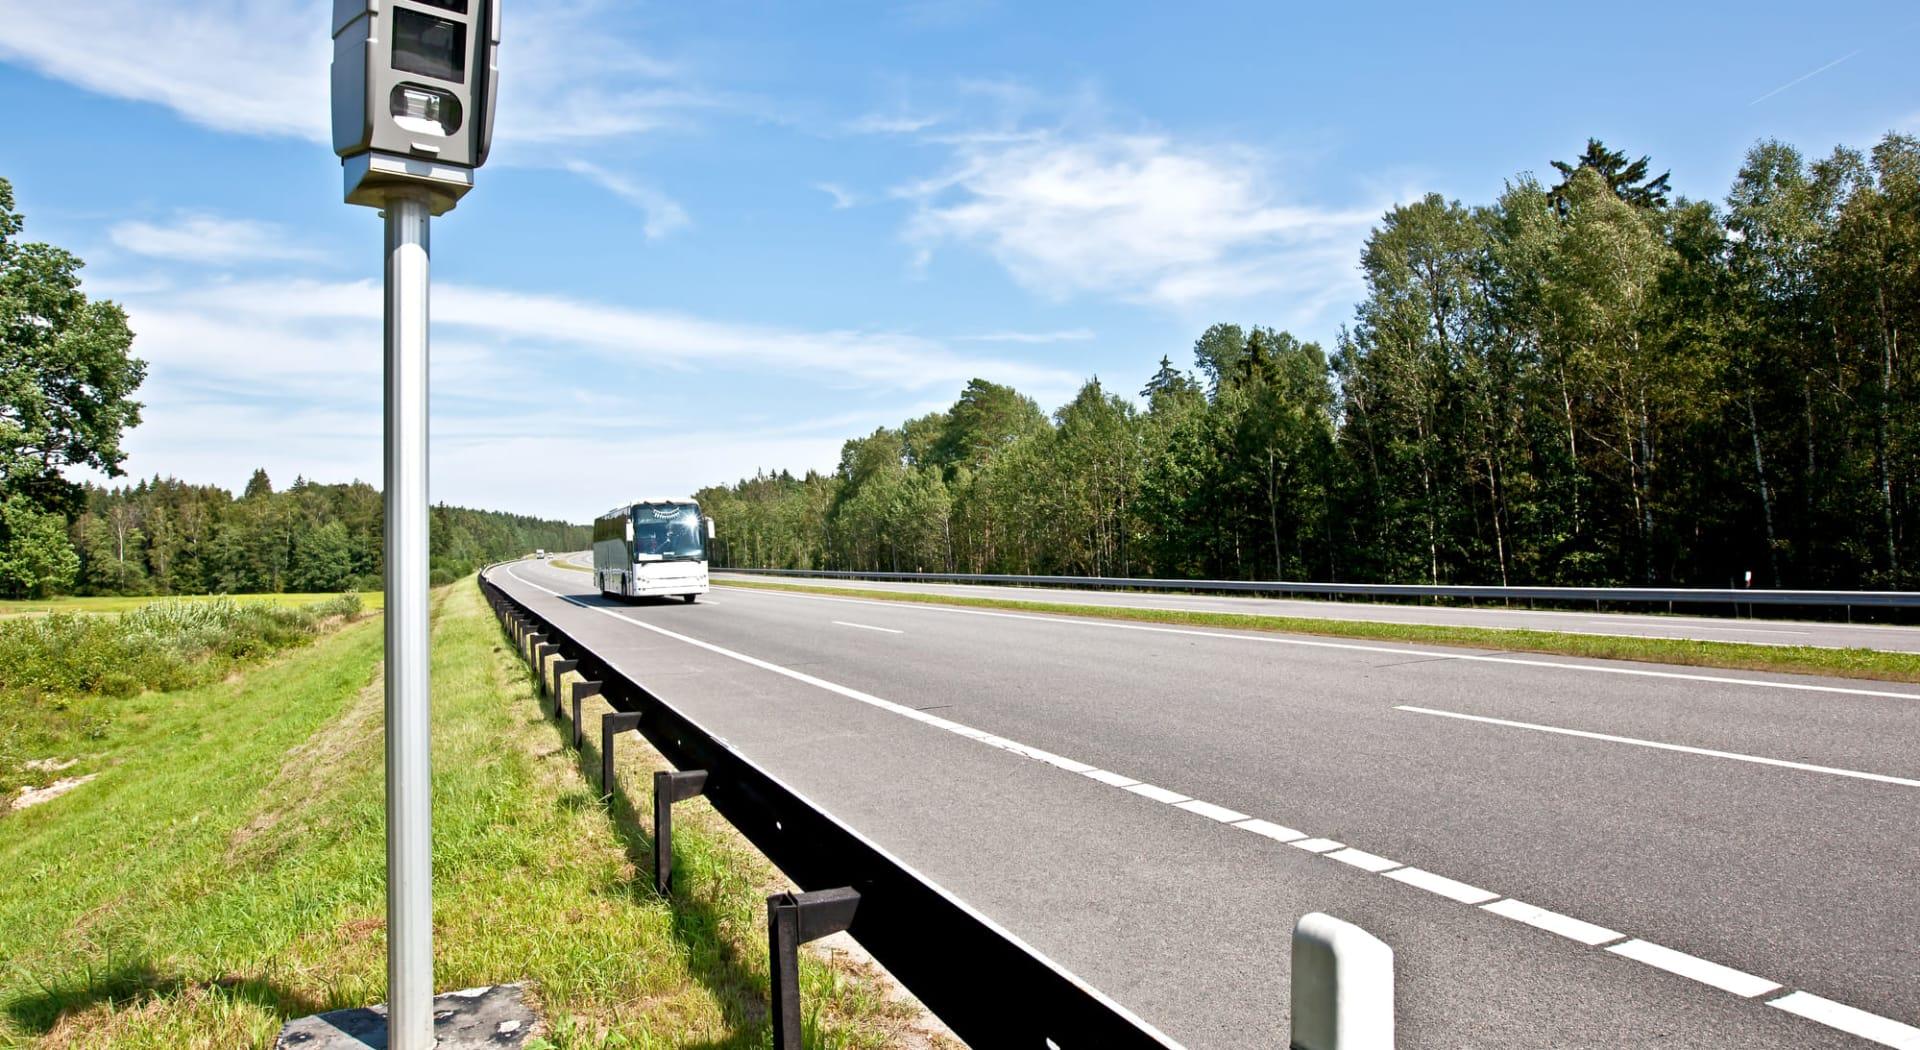 Fotobokser med strekningsmålinger er viktige hjelpemidler for å hindre trafikkulykker.